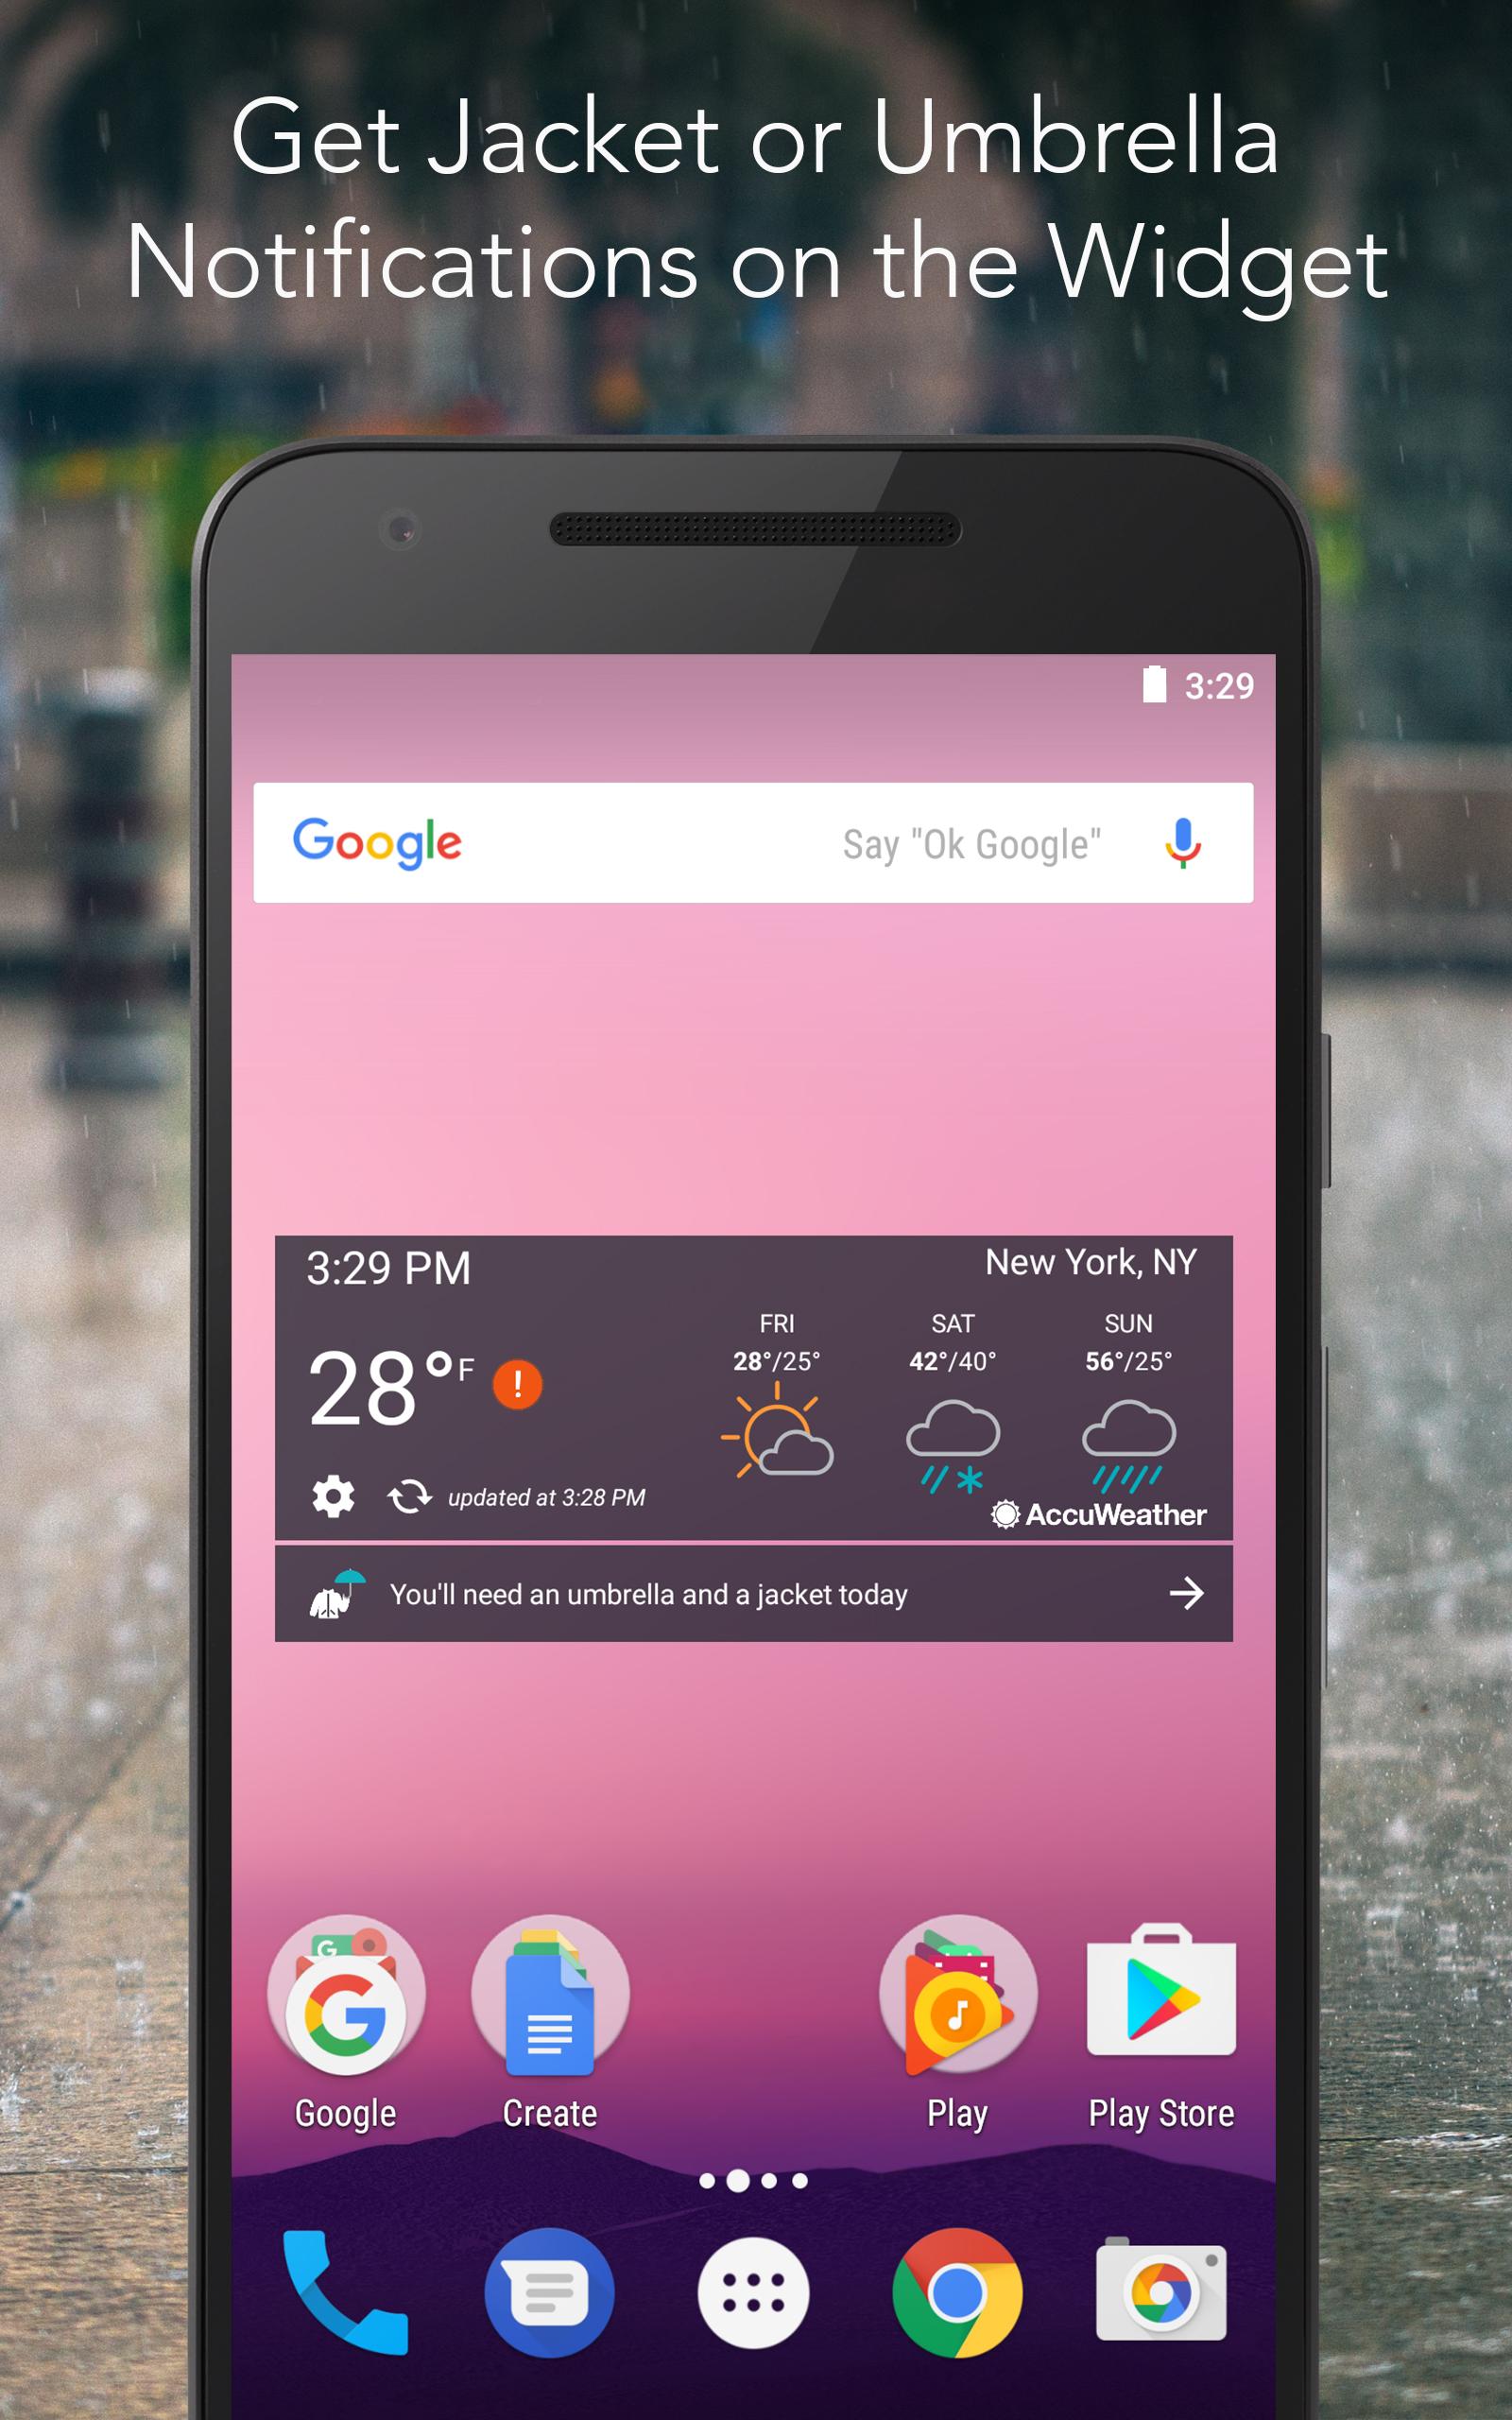 Washington, United States - Weather Forecasts - Yahoo